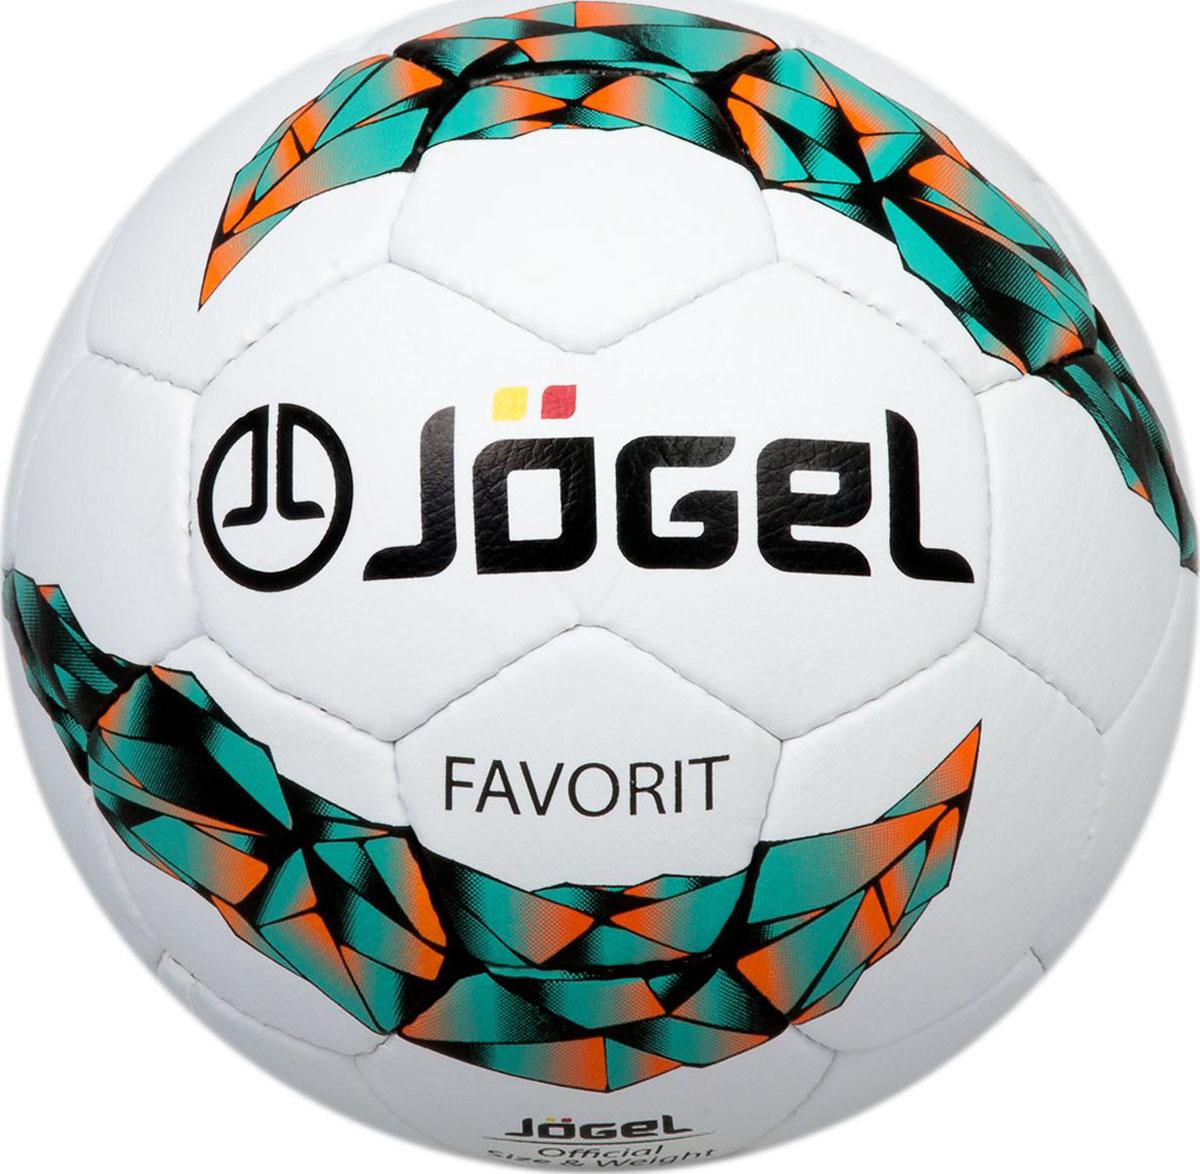 Мяч футбольный Jogel Favorit, цвет: желтый. Размер 5. JS-750УТ-00009618Jogel JS-750 Favorit мяч ручной сшивки тренировочного уровня, отличительной особенностью которого является материал поверхности мяча, имитирующий натуральную кожу. Благодаря этому материалу мяч имеет лучшую сцепляемость с полем при влажной и мокрой погоде, а также имеет благородный, классический вид. Данный мяч рекомендован для тренировок и тренировочных игр клубных и любительских команд. Поверхность мяча выполнена из матовой синтетической кожи (полиуретан) толщиной 1,2 мм. Мяч имеет 4 подкладочных слоя на нетканой основе (смесь хлопка с полиэстером) и оснащен латексной камерой с бутиловым ниппелем, обеспечивающим долгое сохранение воздуха в камере. Уникальной особенностью, характерной для бренда Jogel, является традиционная конструкция мячей из 30 панелей.